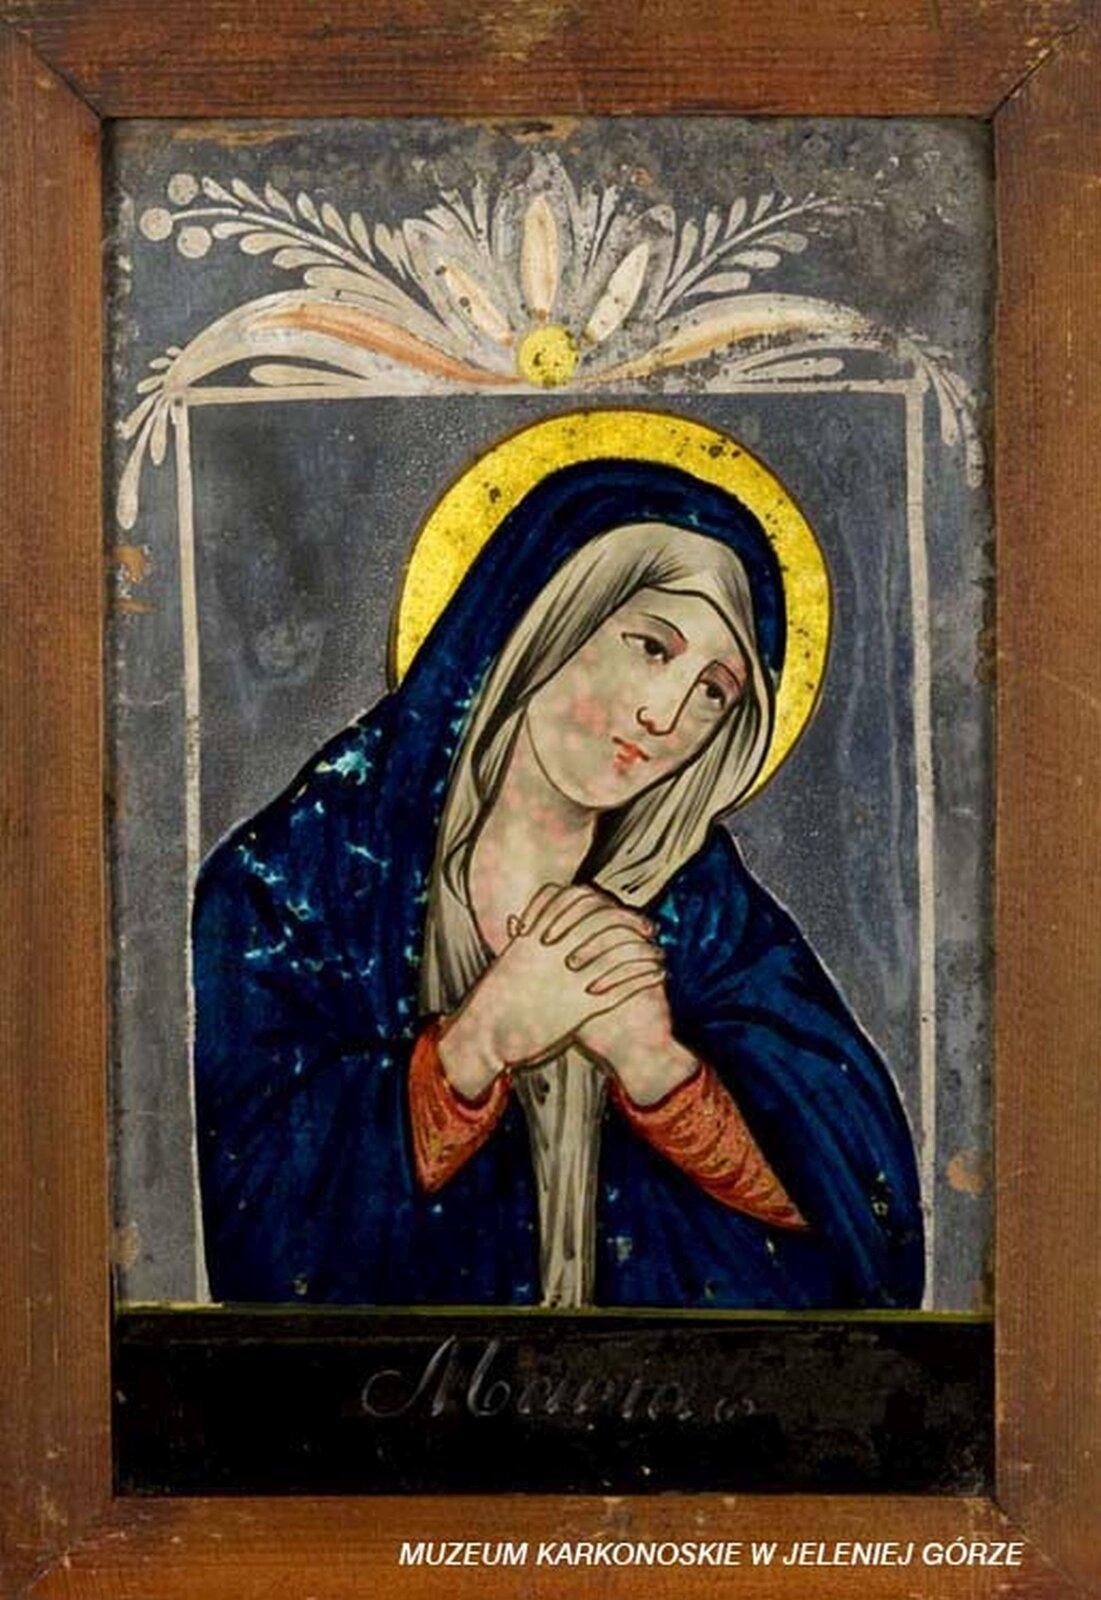 """Ilustracja przedstawia obraz """"Matka Boska Bolesna"""". Postać Maryi jest ubrana wczerwoną suknię, biały welon igranatowy płaszcz. Ma złożone ręce ilekko pochyloną głowę. Wokół głowy znajduje się nimb. Obrysowana jest białą linią. Wgórnej części znajduje się dekoracyjny motyw roślinny. Na dole umieszczony jest napis Maria."""